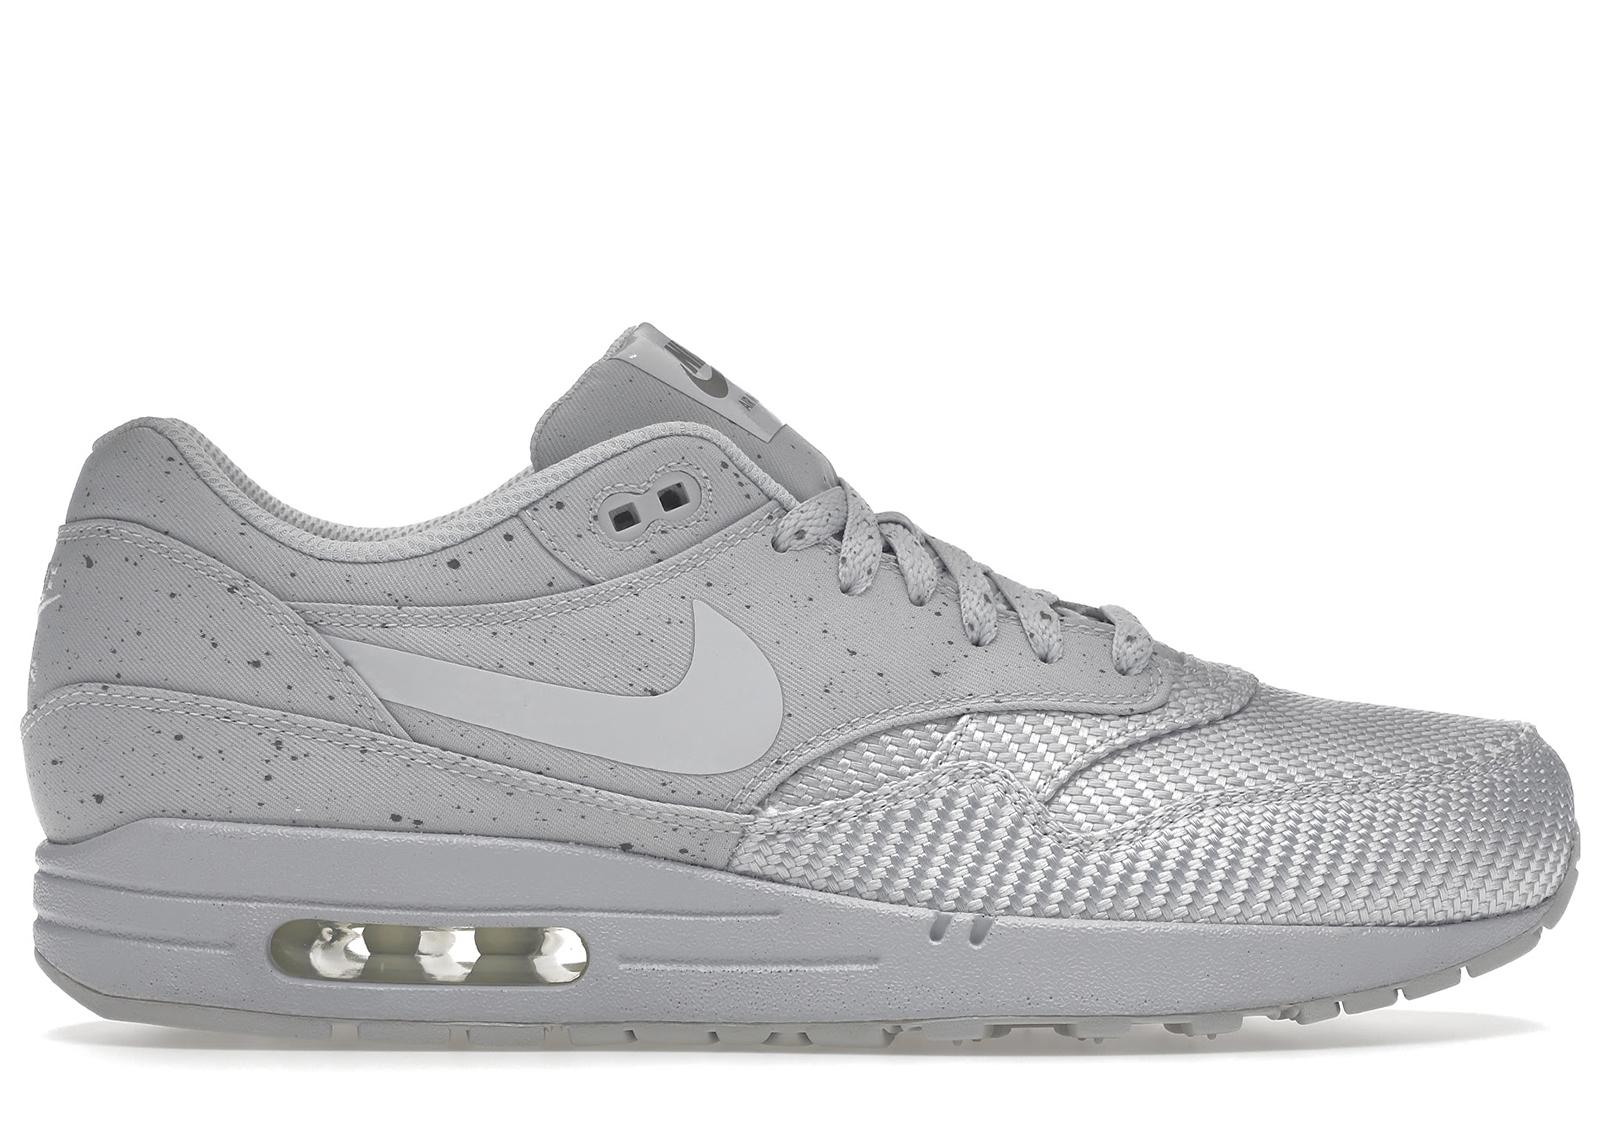 Nike Air Max 1 Monotones Vol 1